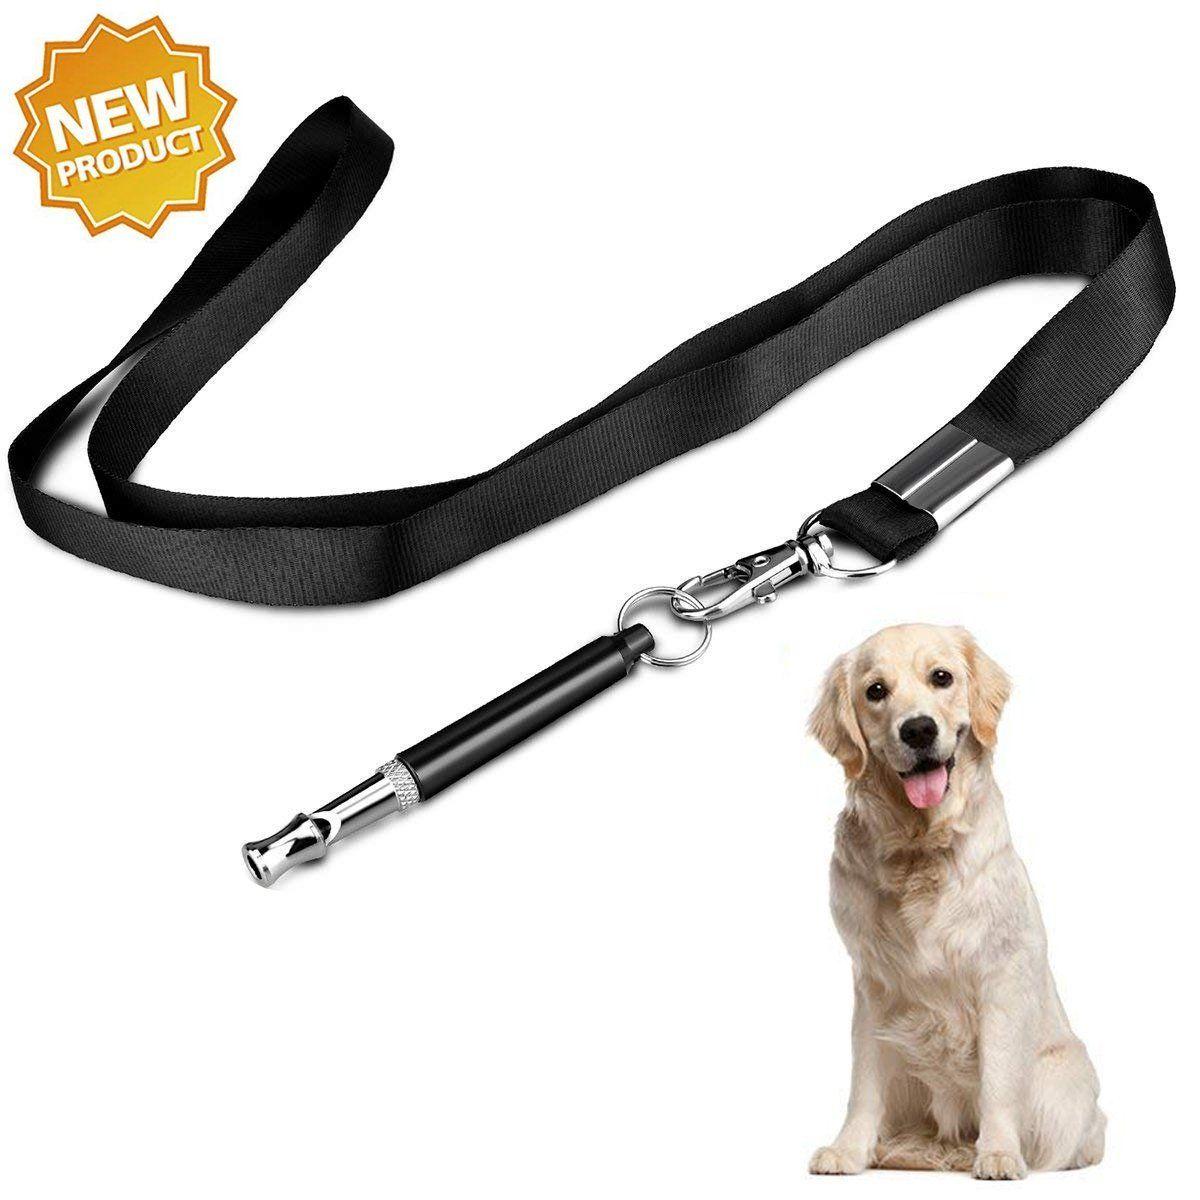 Xqfi Dog Whistle To Stop Barking Professional Dog Training Whistle